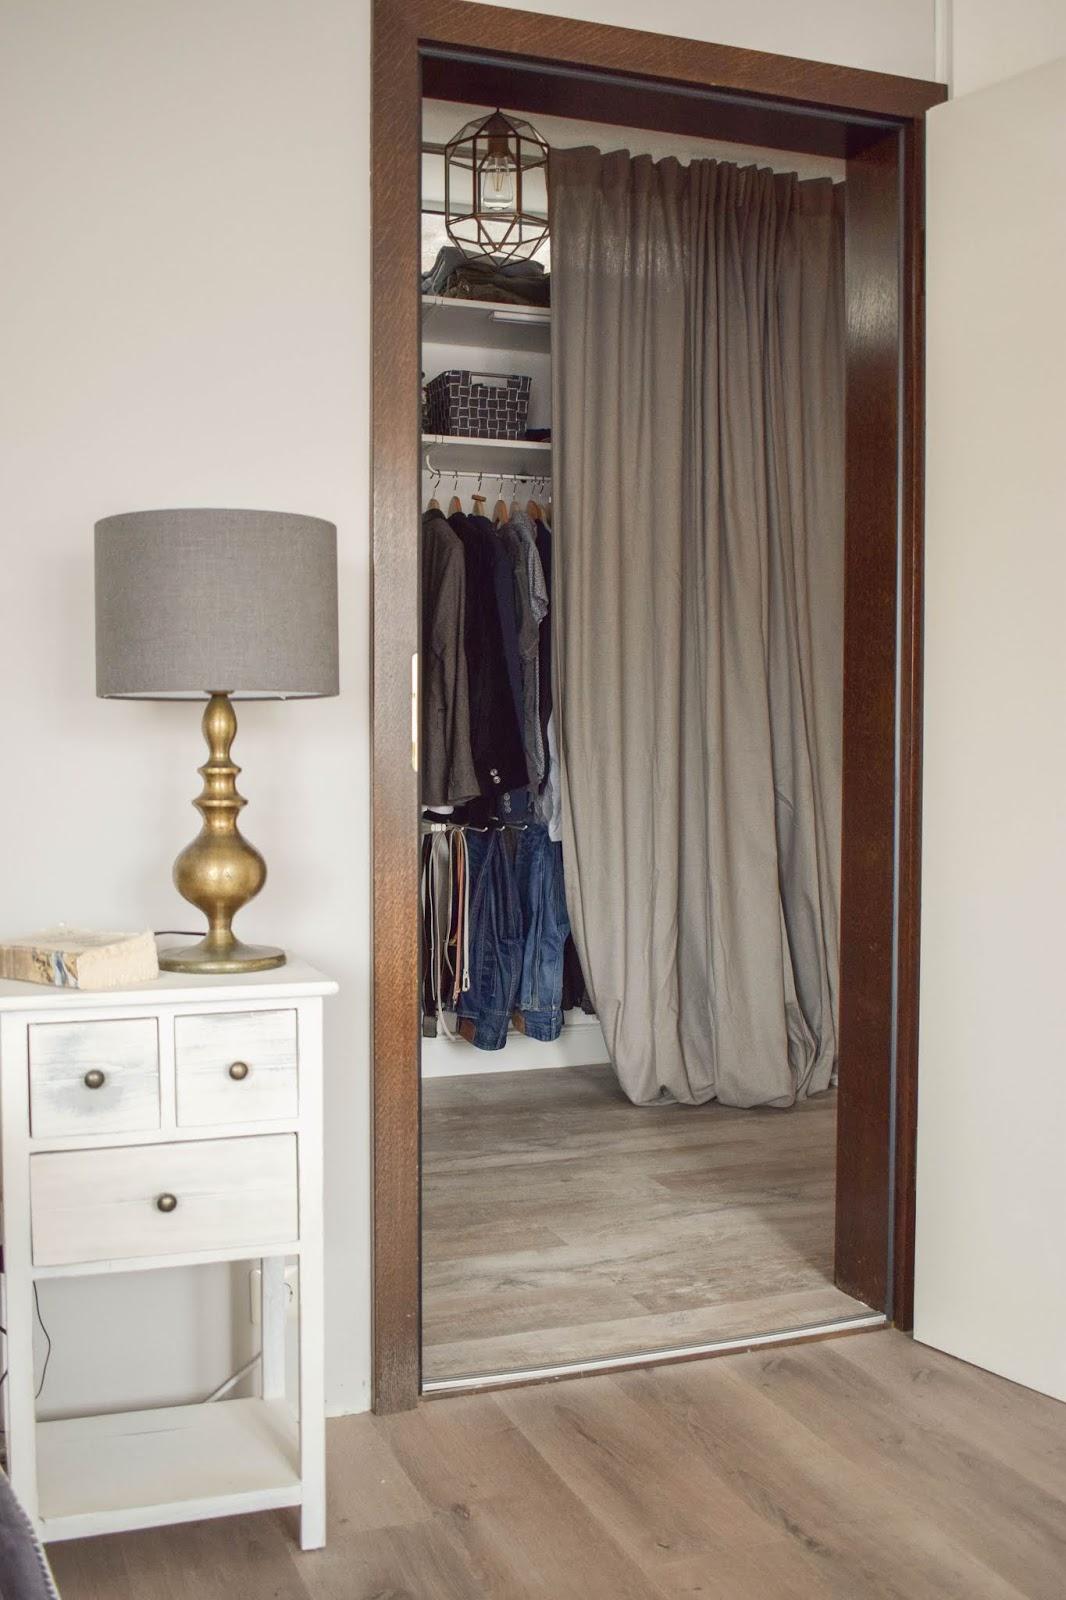 Offener Kleiderschrank mit Vorhang. Flexible Aufbewahrung